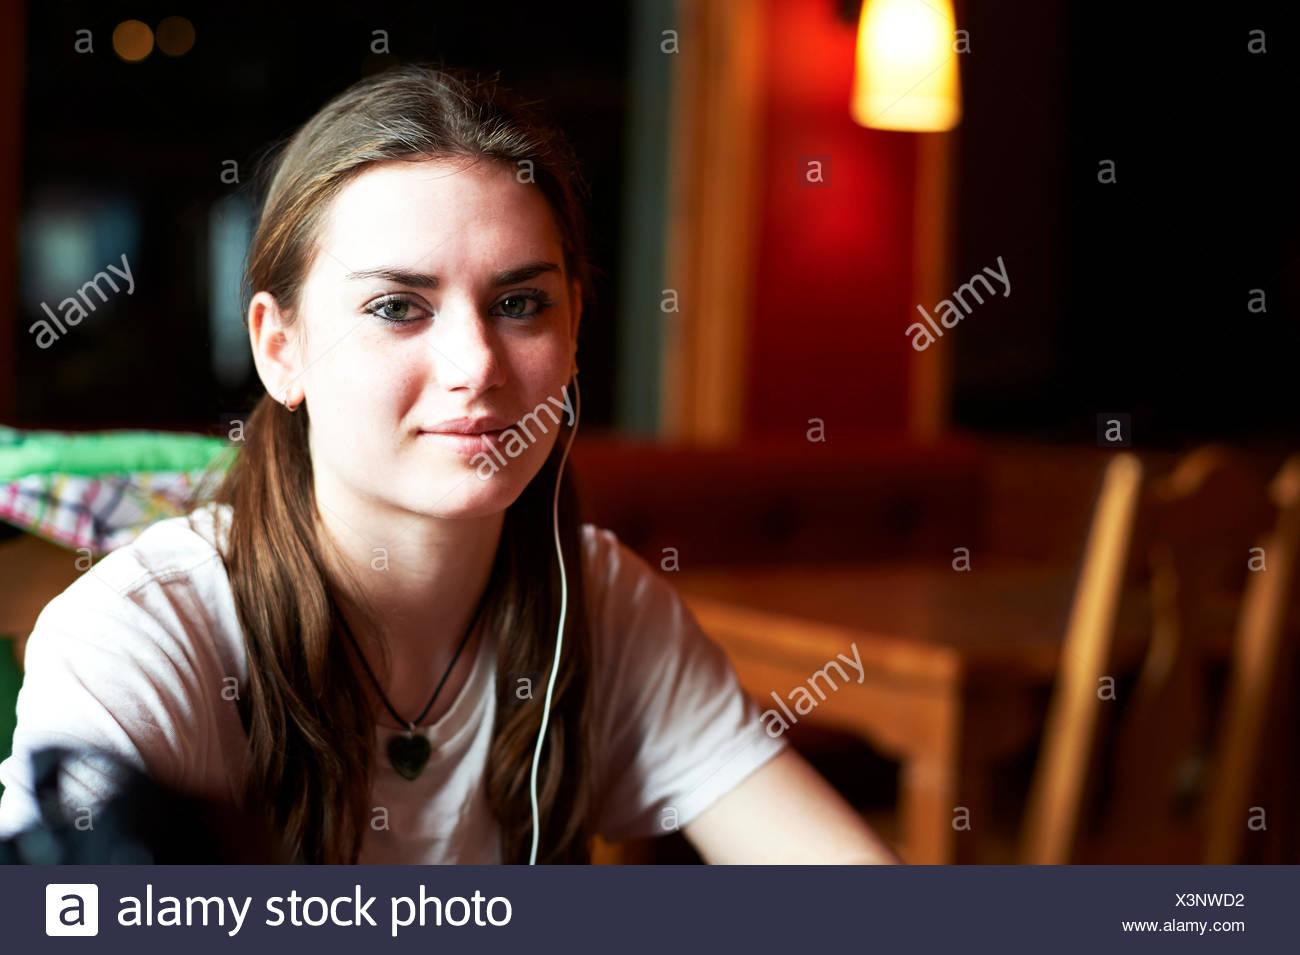 Portrait of teenage girl wearing earphones - Stock Image